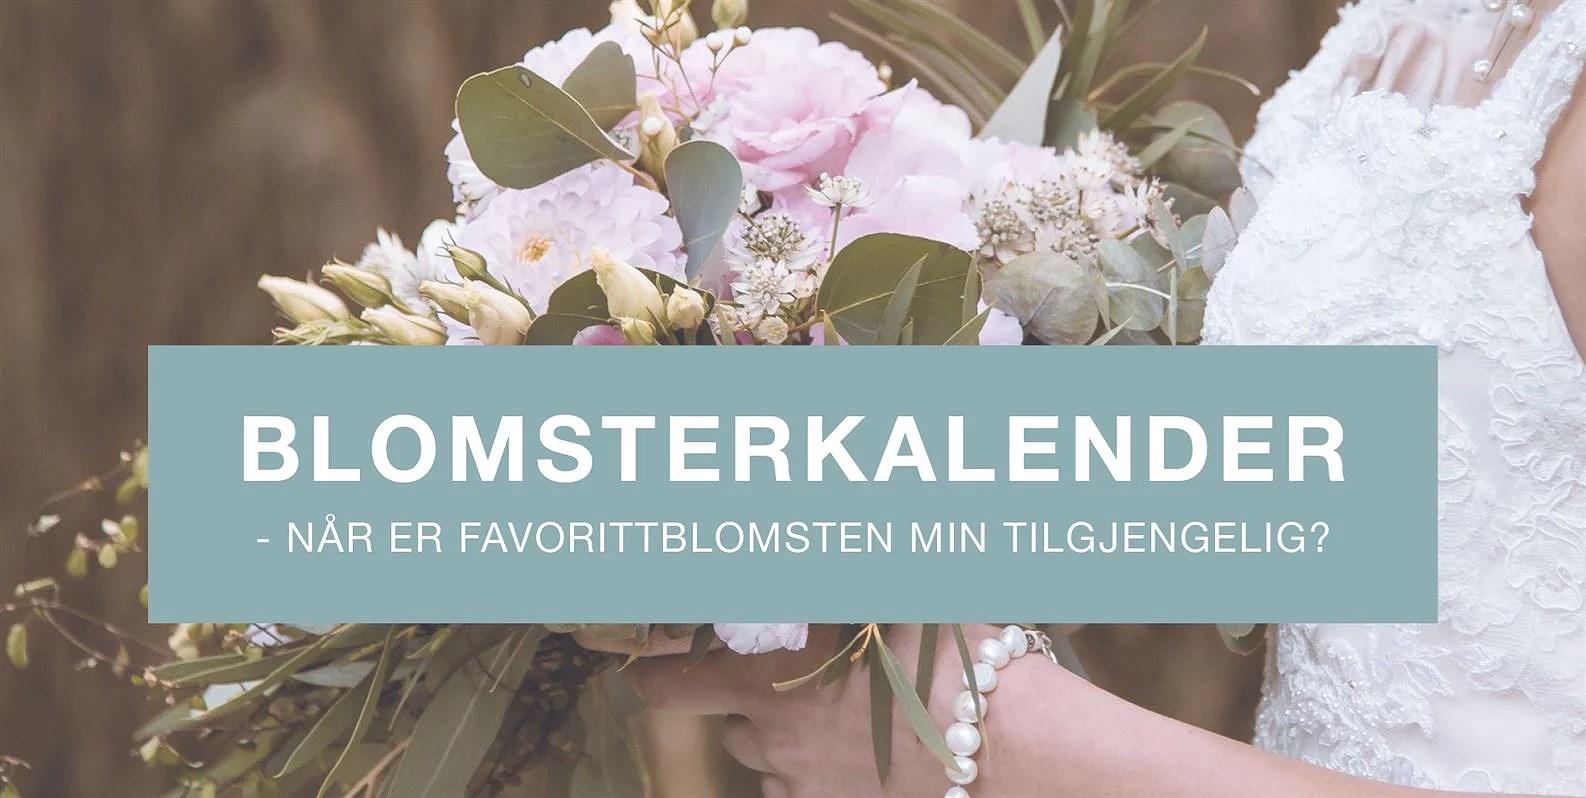 Blomsterkalender - Når er favorittblomsten min tilgjengelig?